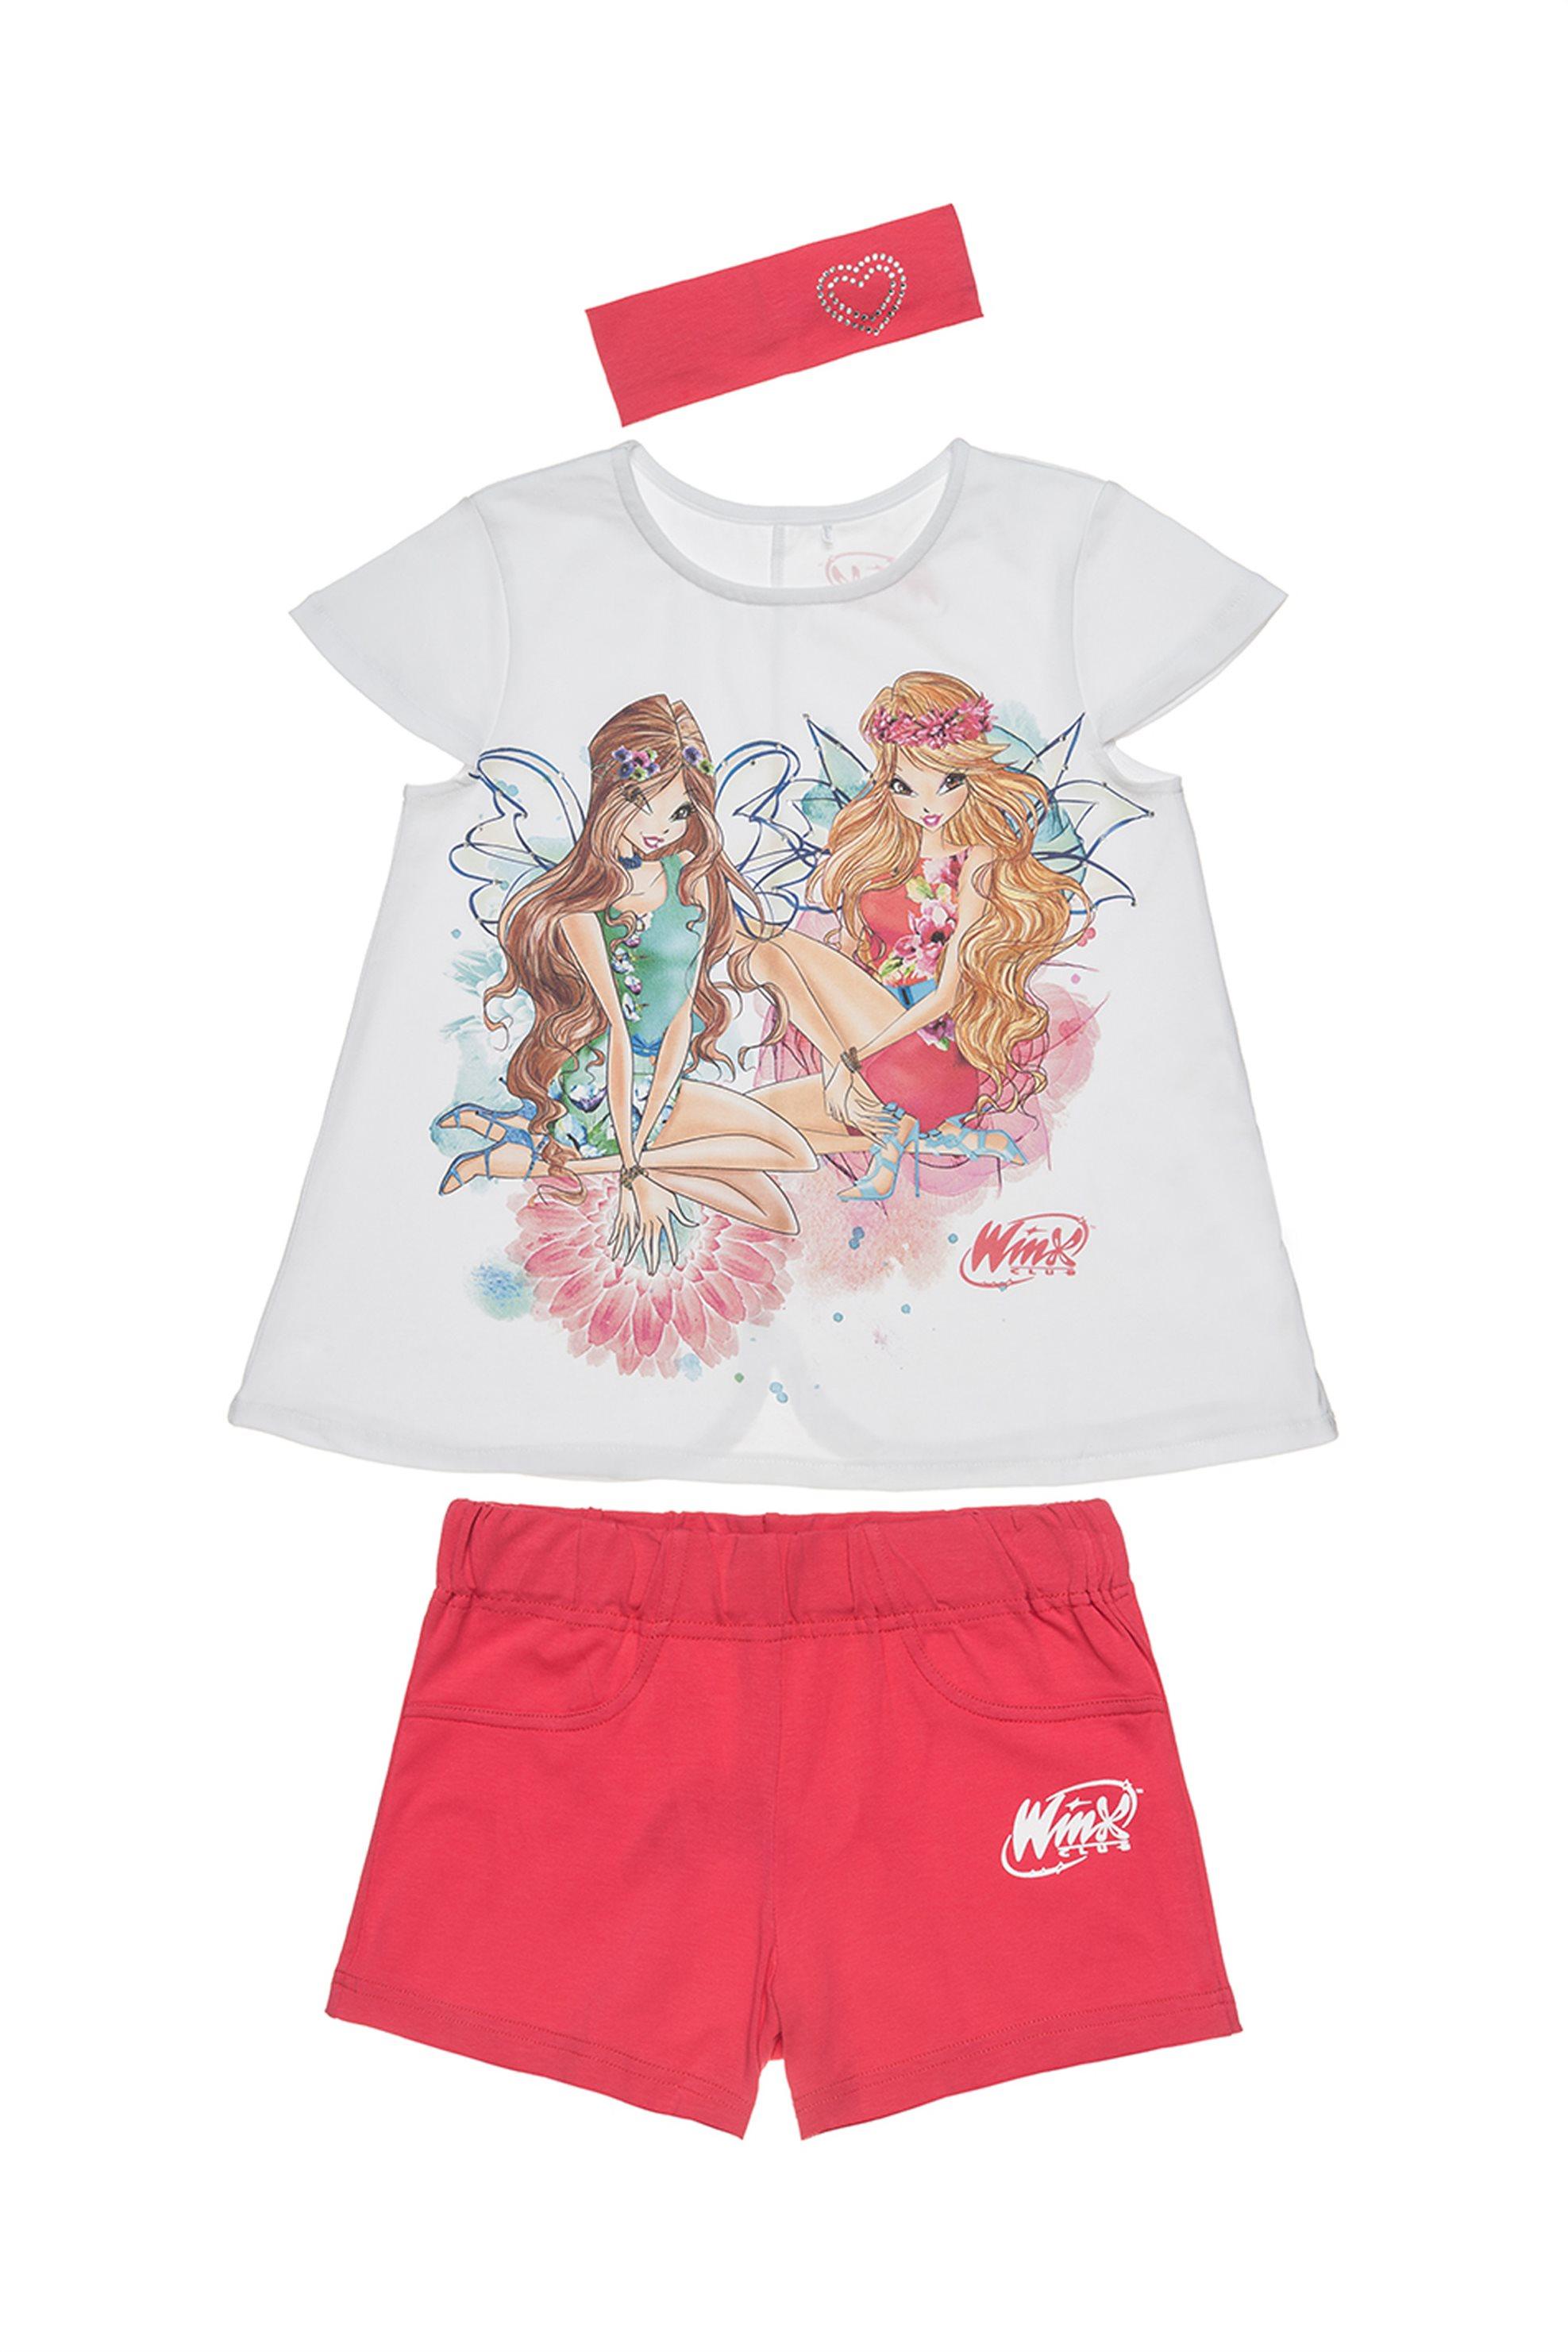 Παιδικό σετ T-shirt με print, βερμούδα και κορδέλα μαλλιών (6 - 12 ετών) Winx Co παιδι   κοριτσι   4 14 ετων   σετ ρούχων